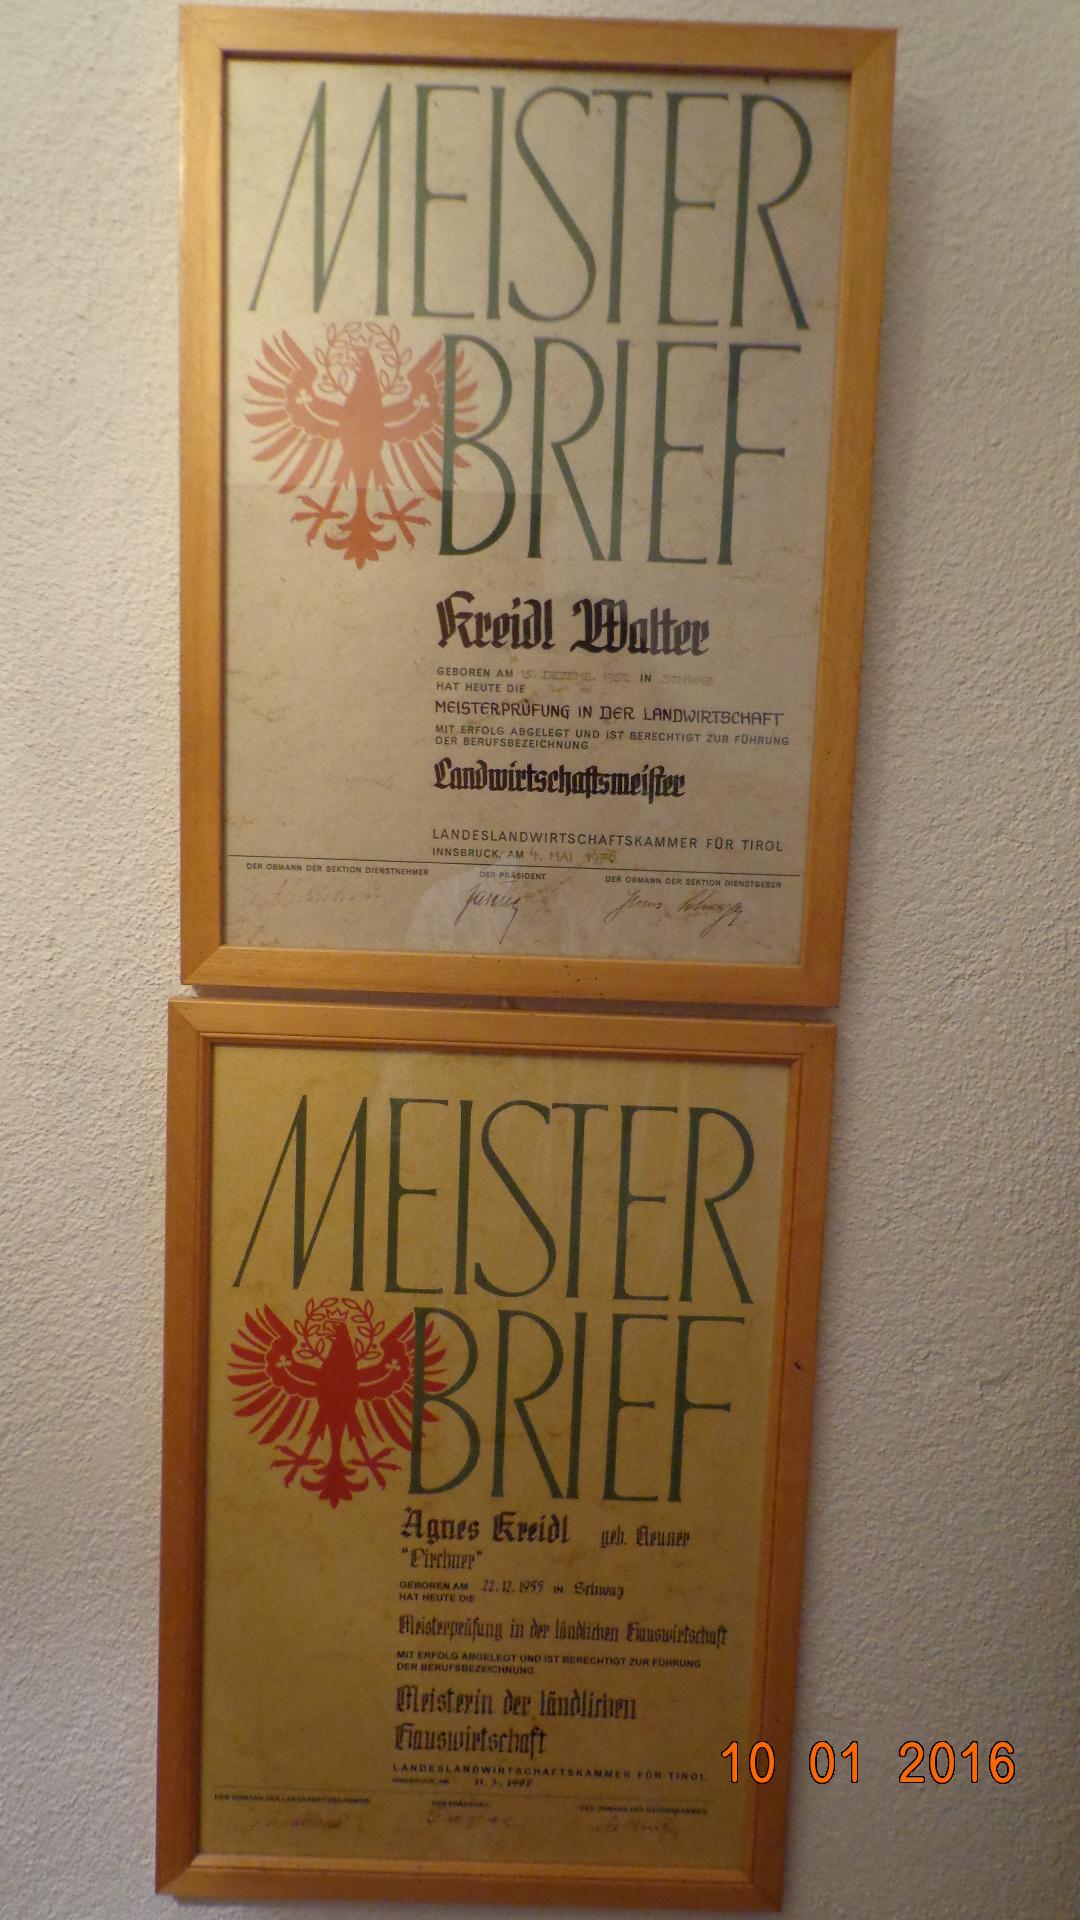 마이스터  오스트리아의 농업마이스터 자격증